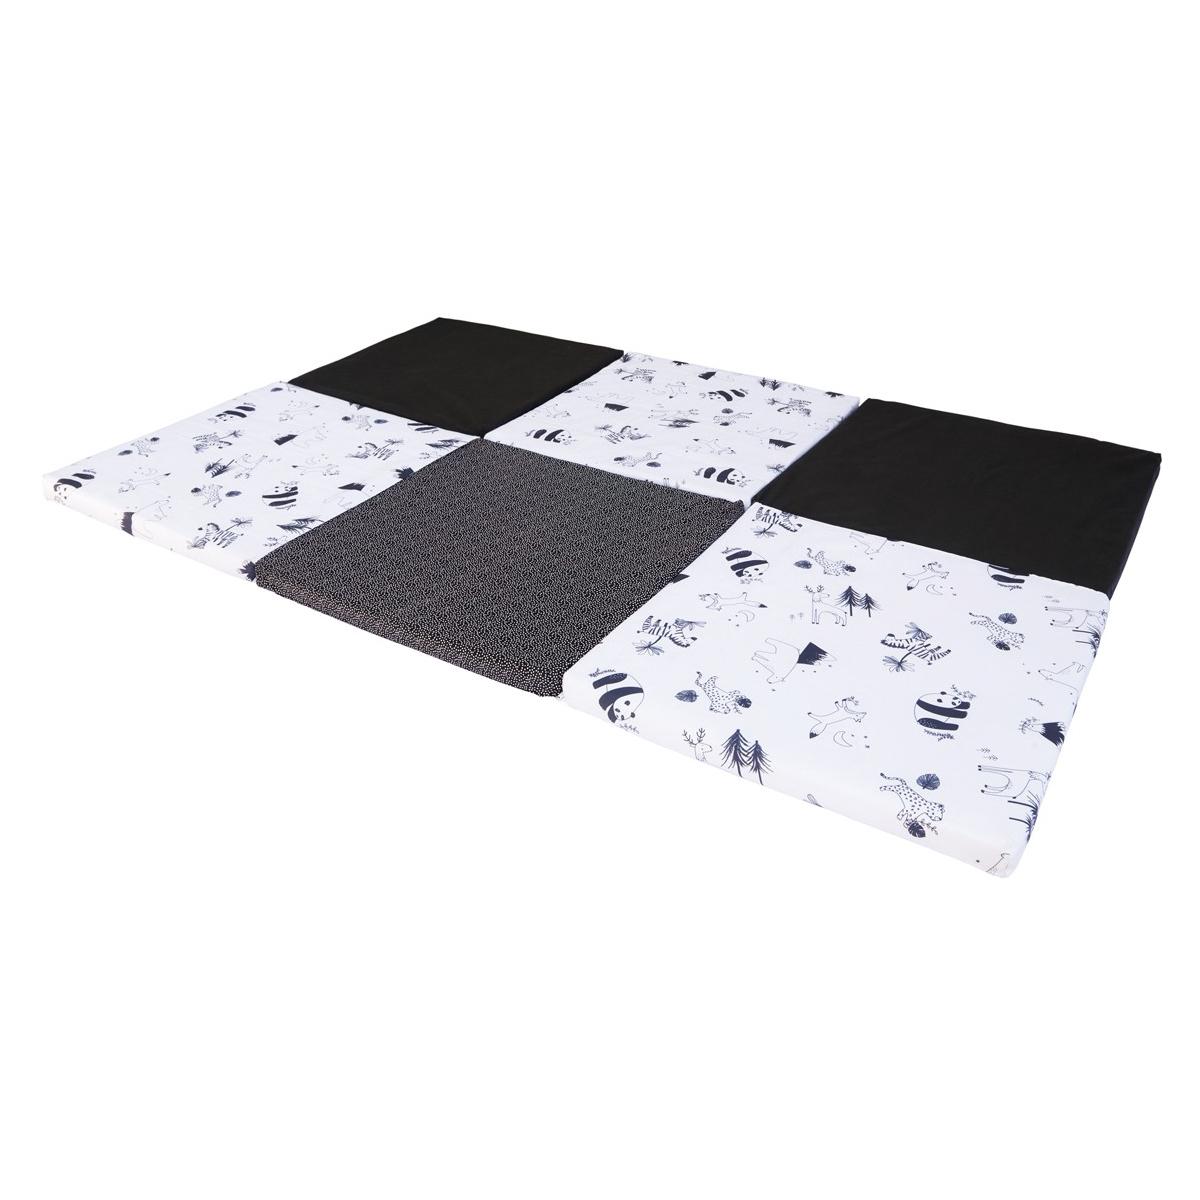 Tapis éveil Tapis de Motricité XL - Noir et Blanc Tapis de Motricité XL - Noir et Blanc